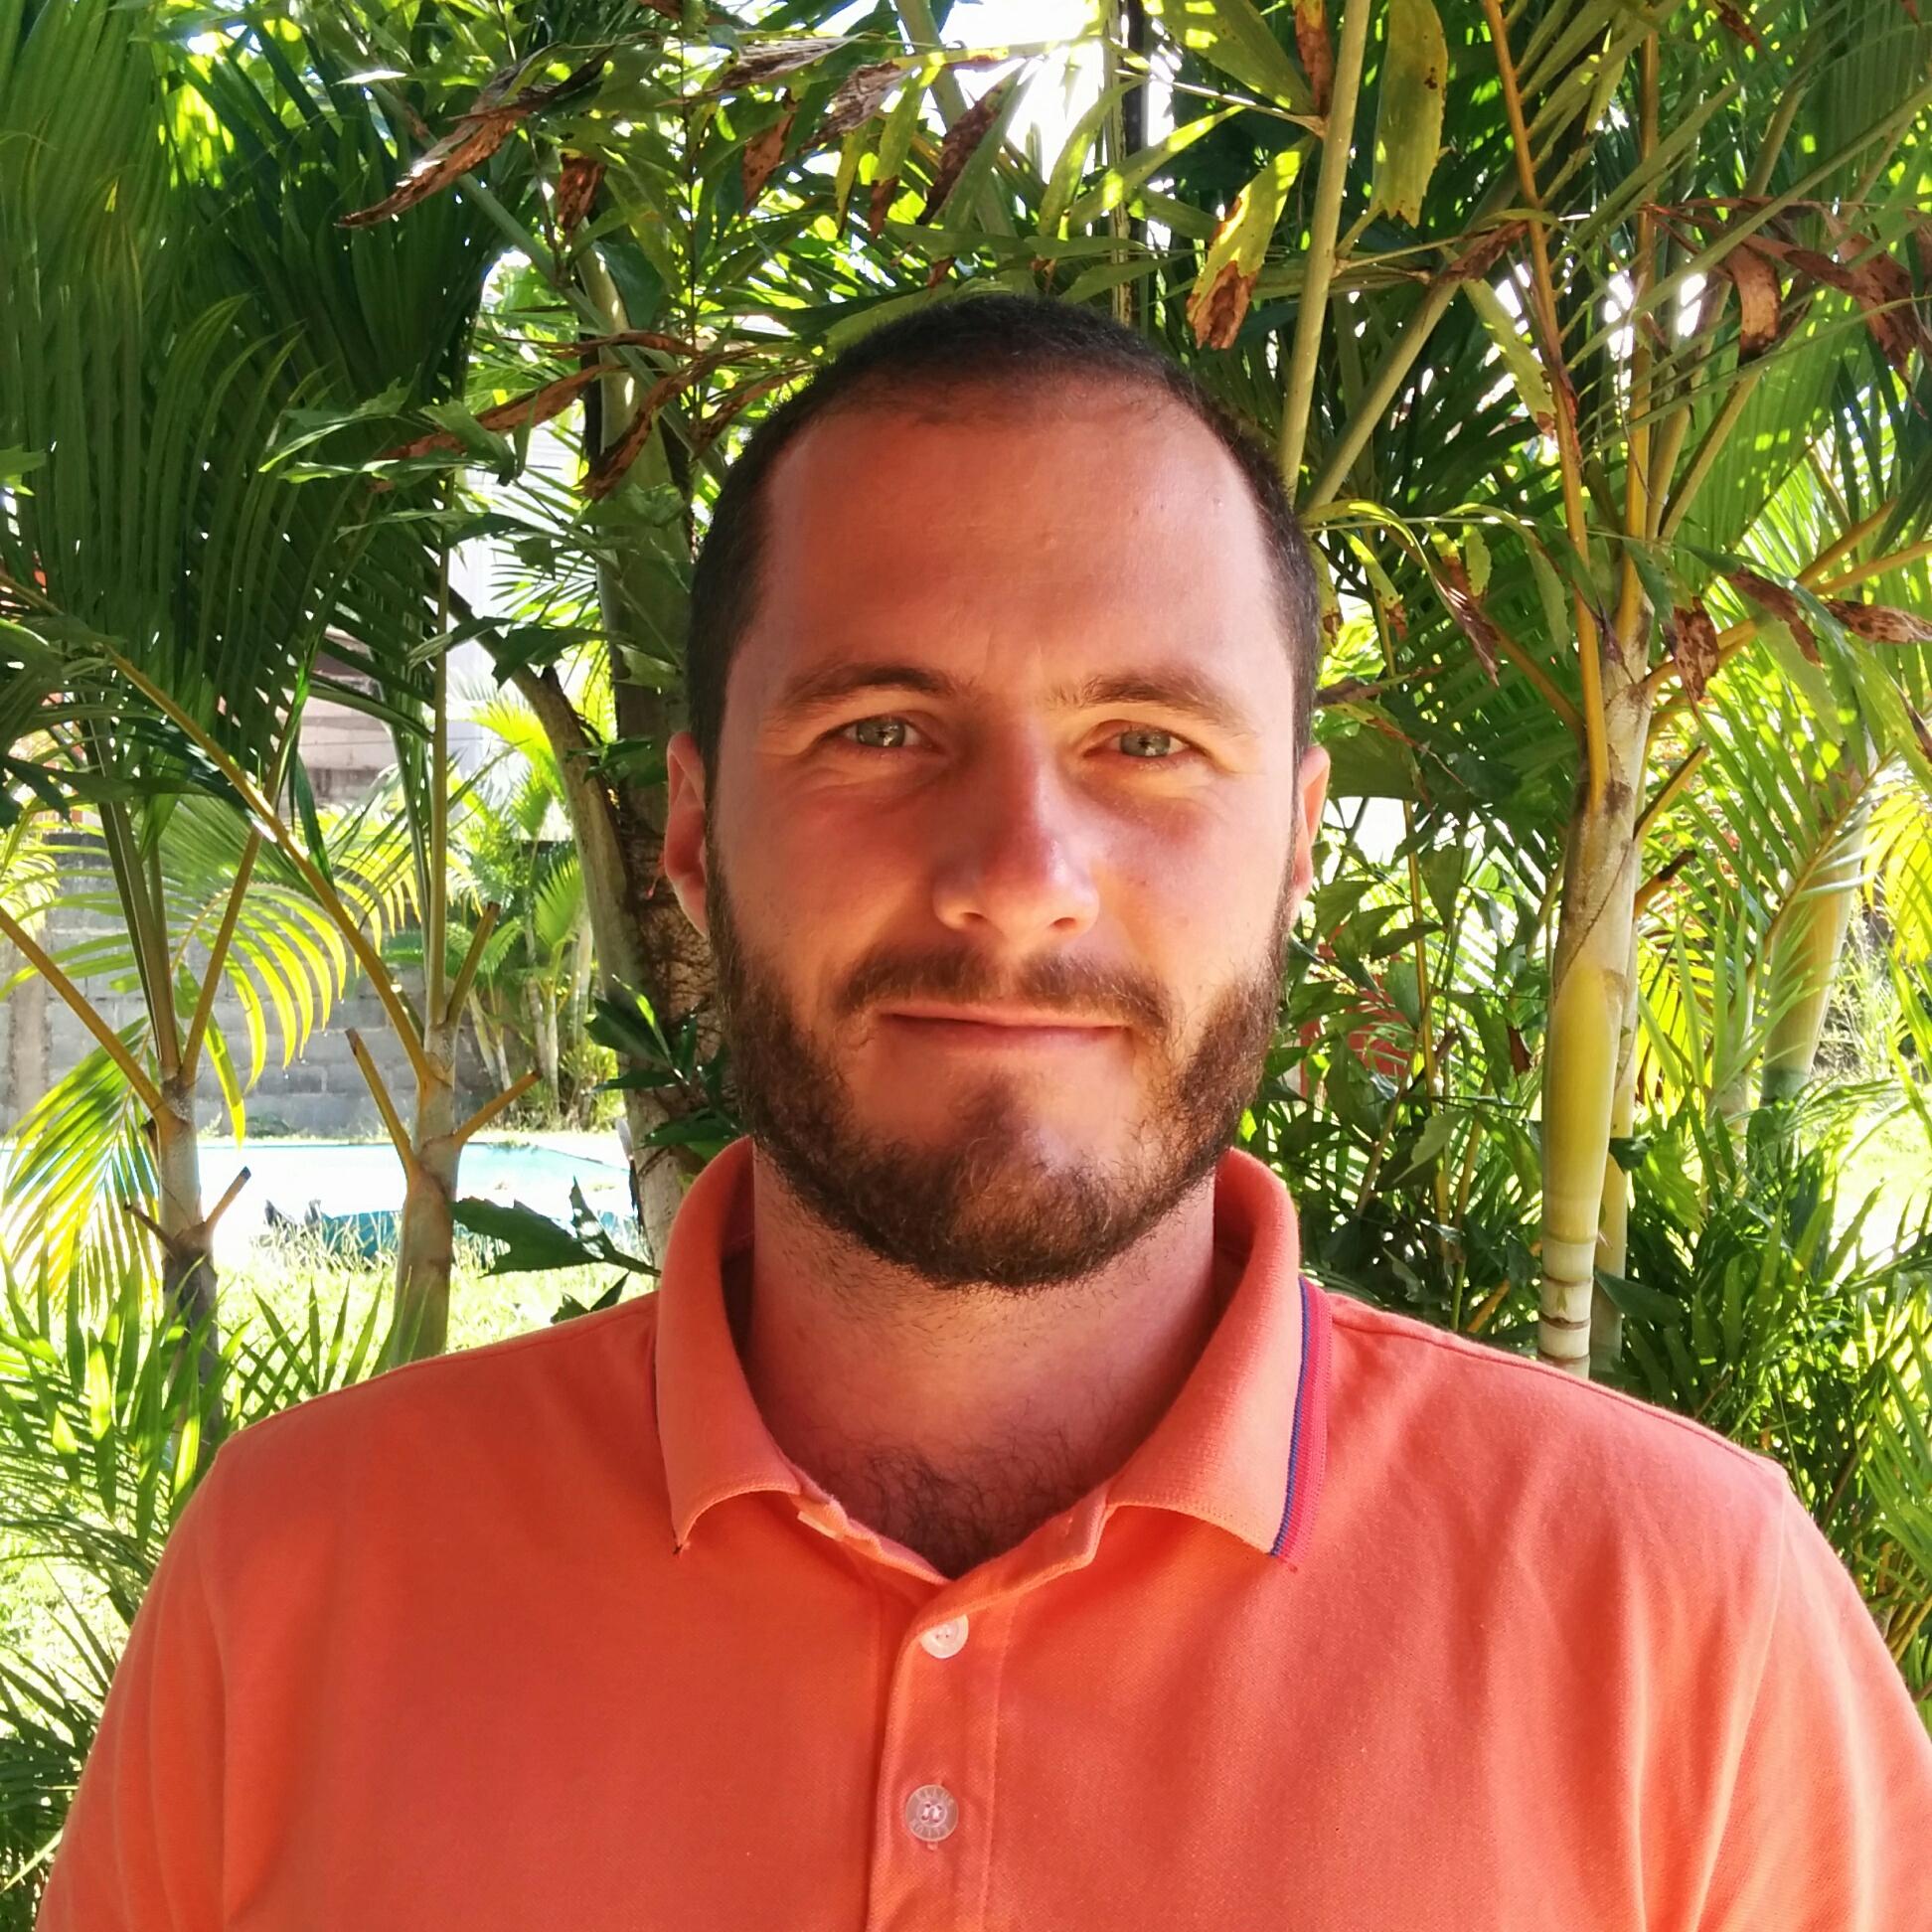 Daniel Ludovico Guidoni